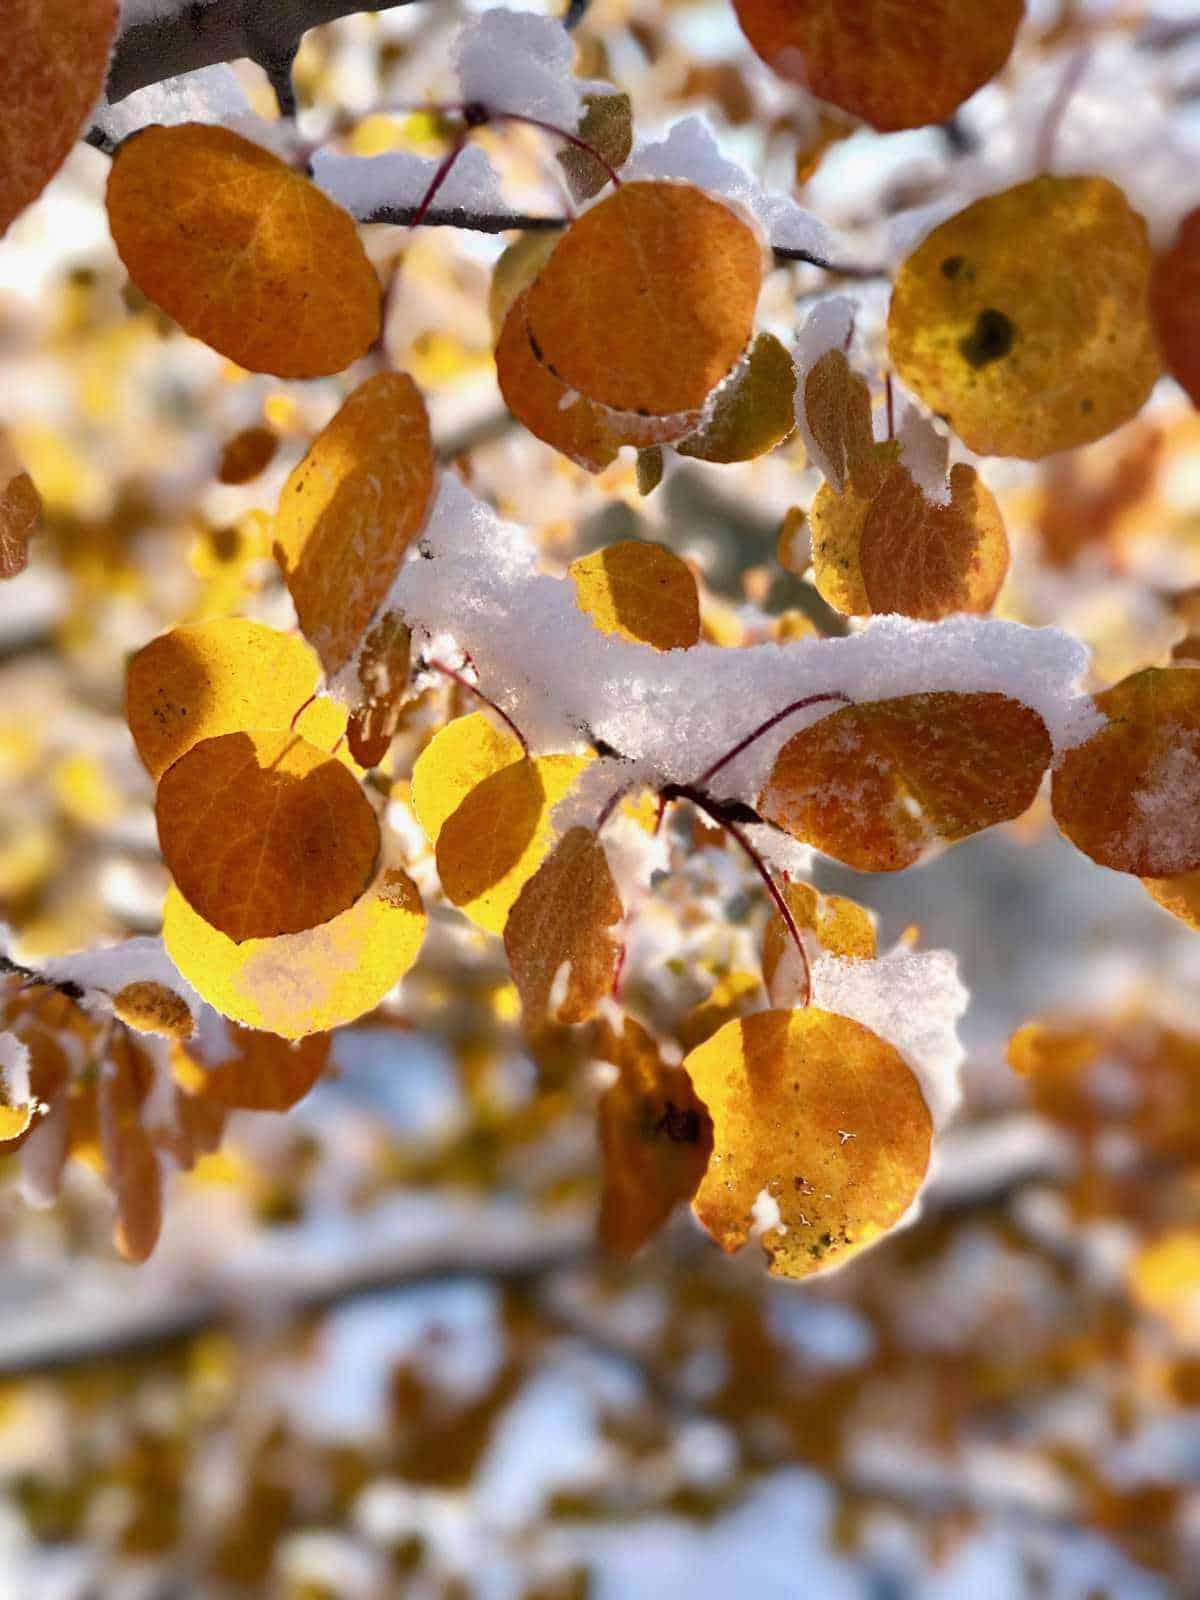 Snow Covered Fall Leaves | halfbakedharvest.com @hbharvest